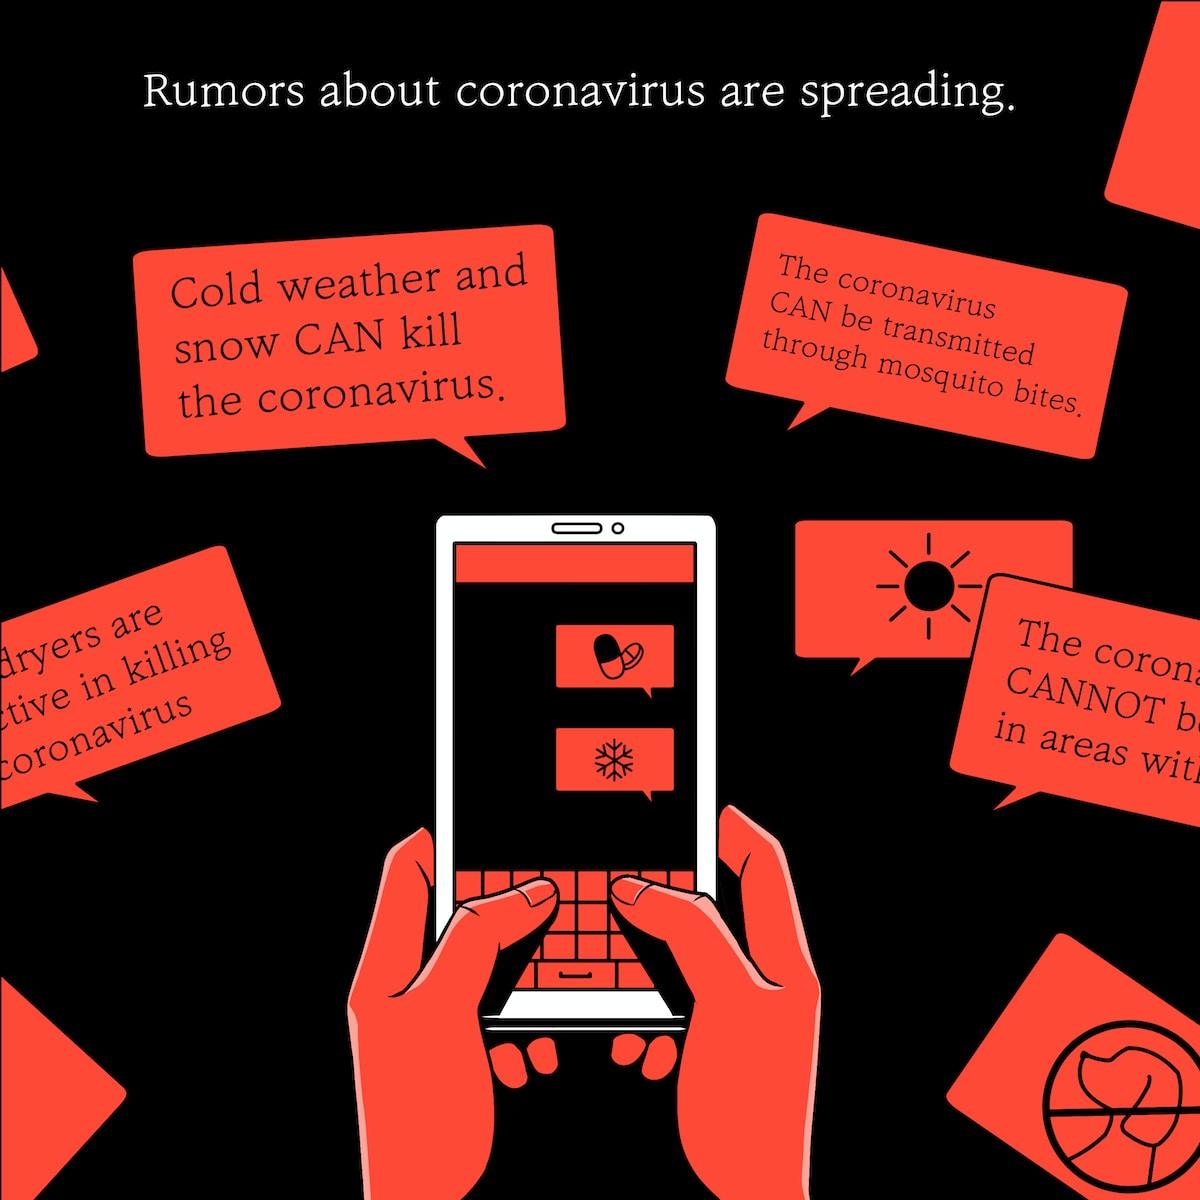 Gerüchte rund um das Coronavirus verbreiten sich besonders schnell.